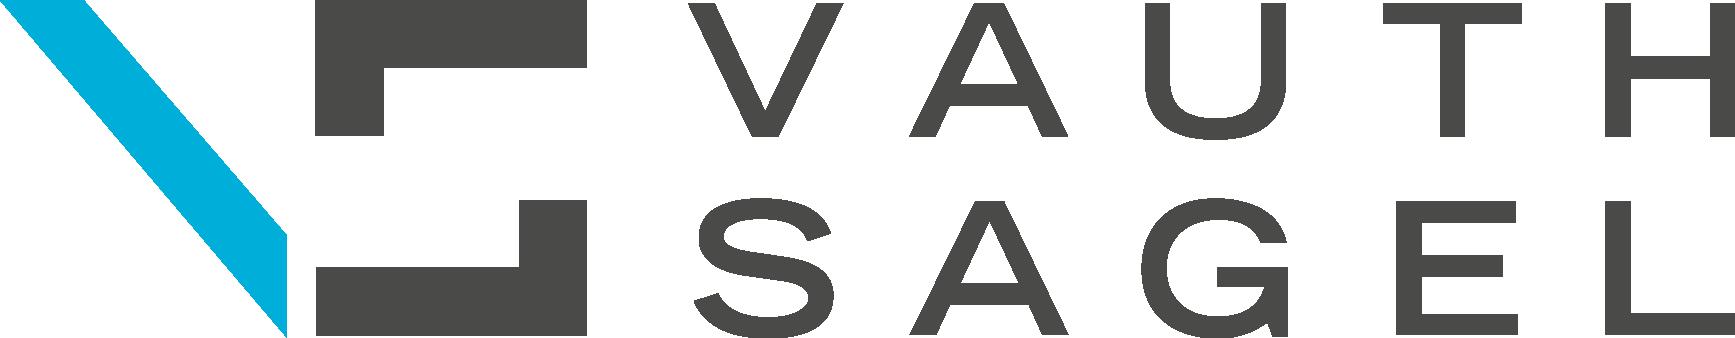 """Эксклюзивный представитель и импортер """"VAUTH-SAGEL Holding GmbH & Co. KG"""" в Украине"""